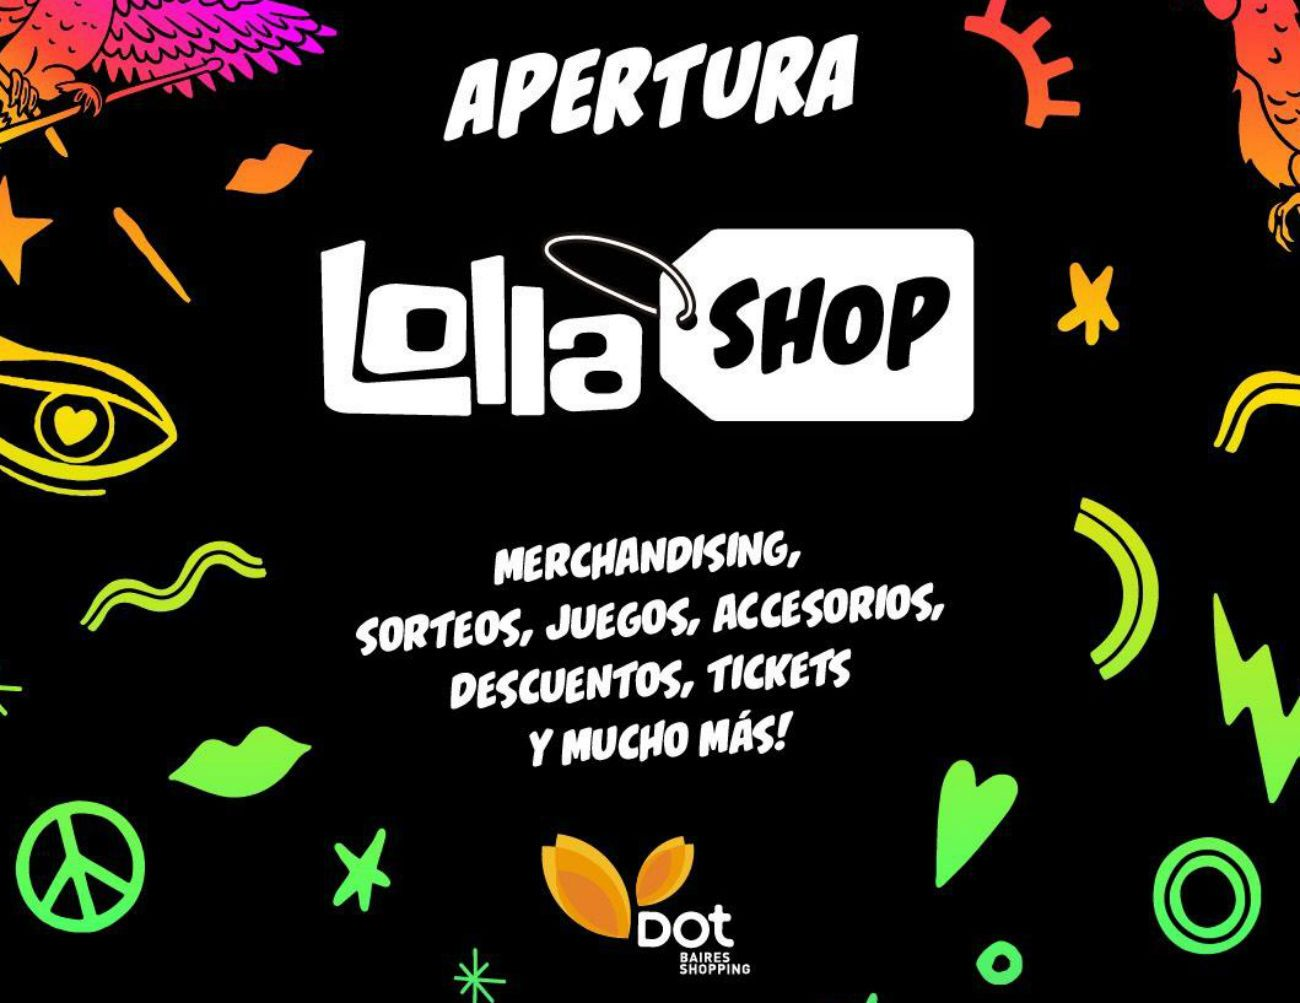 LollaShop es el lugar donde vas a poder vivir diferentes experiencias, participar de sorteos y juegos, obtener descuentos, adquirir merchandising oficial del festival y mucho más.